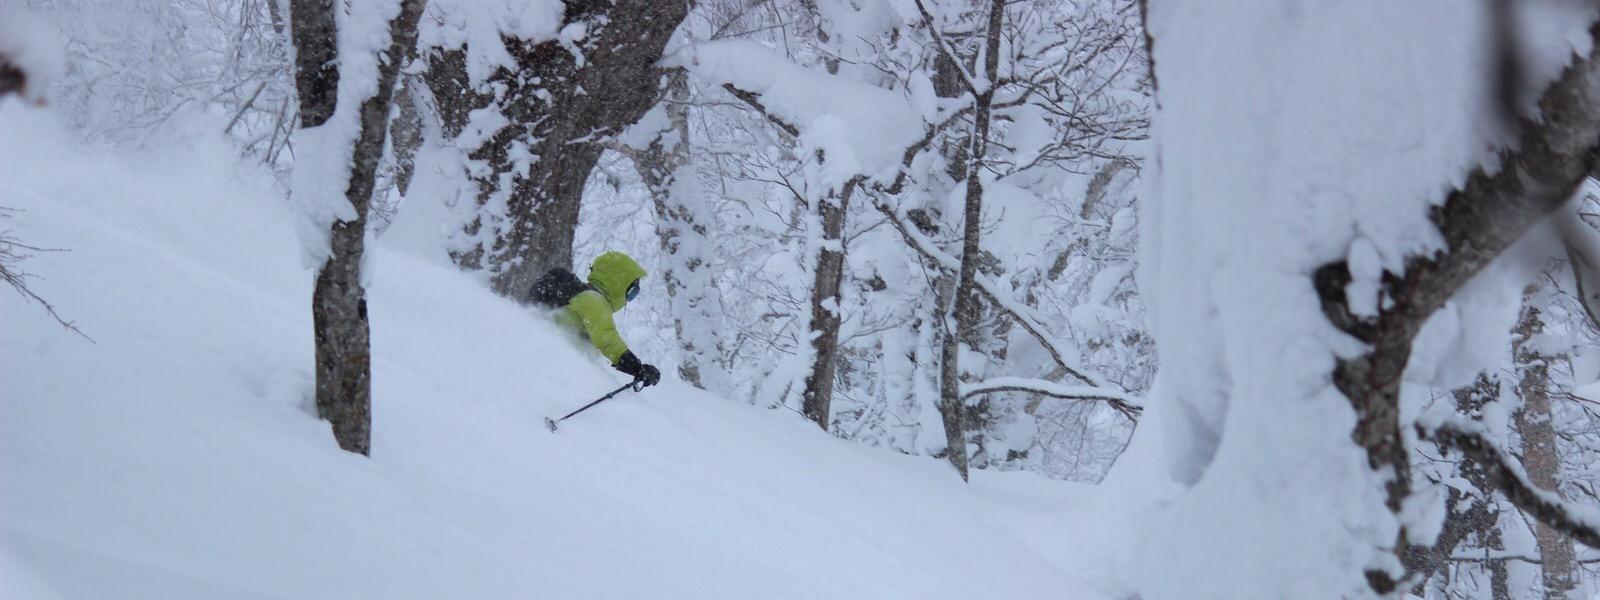 samurai powder skiing tour in japan